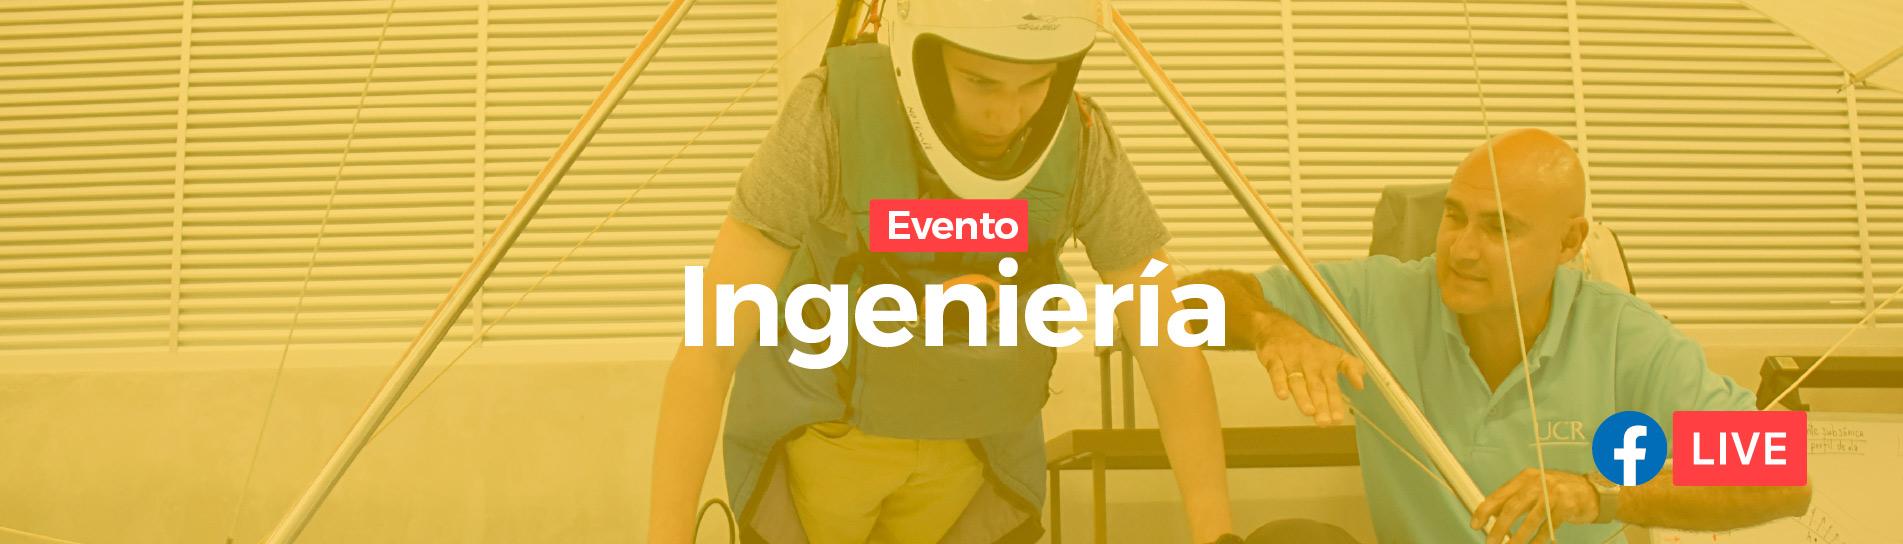 Banners Micrositiofvevento Ingenieria